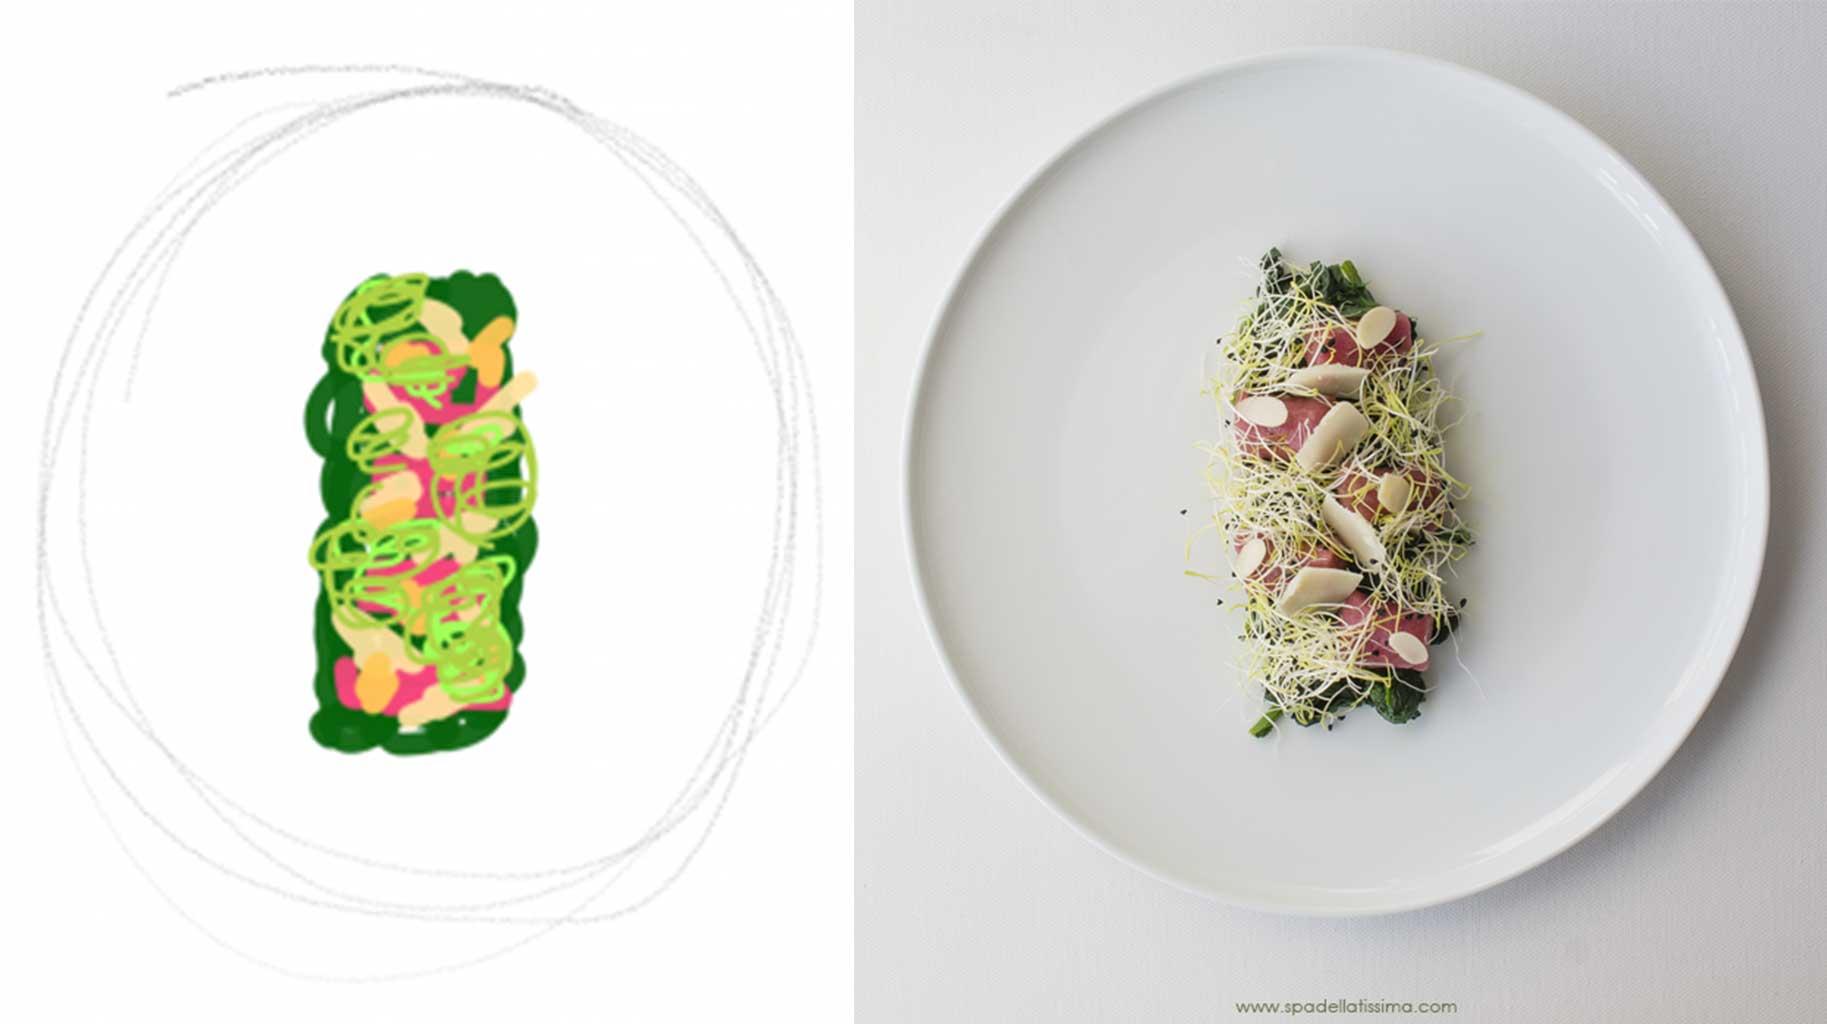 Impiattamento per contest Taste&More realizzato dalla food blogger Lina del blog Spadellatissima